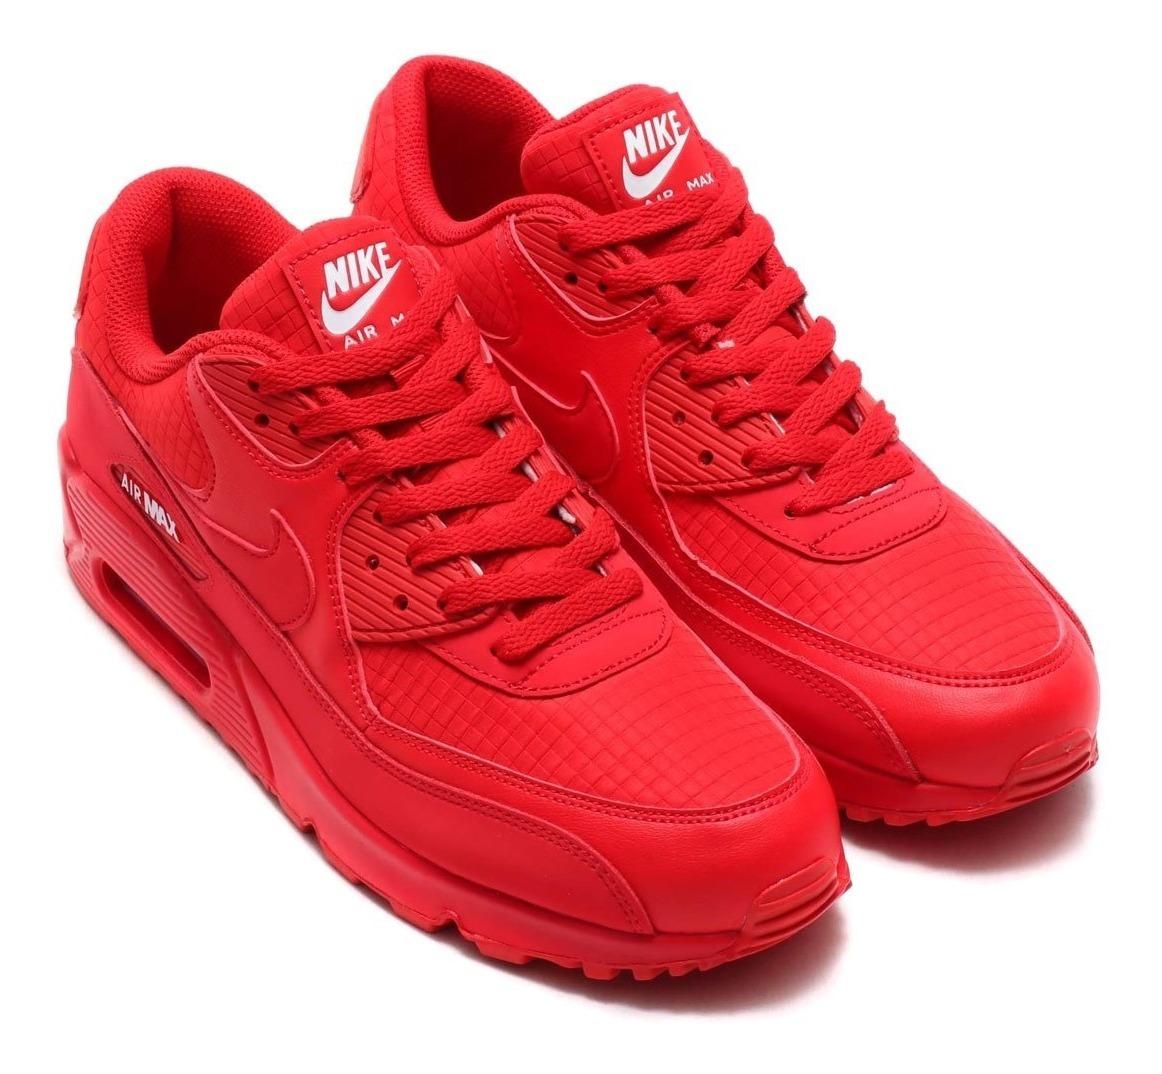 Tenis Nike Air Max 90 Essential Rojo #8.5 Originales